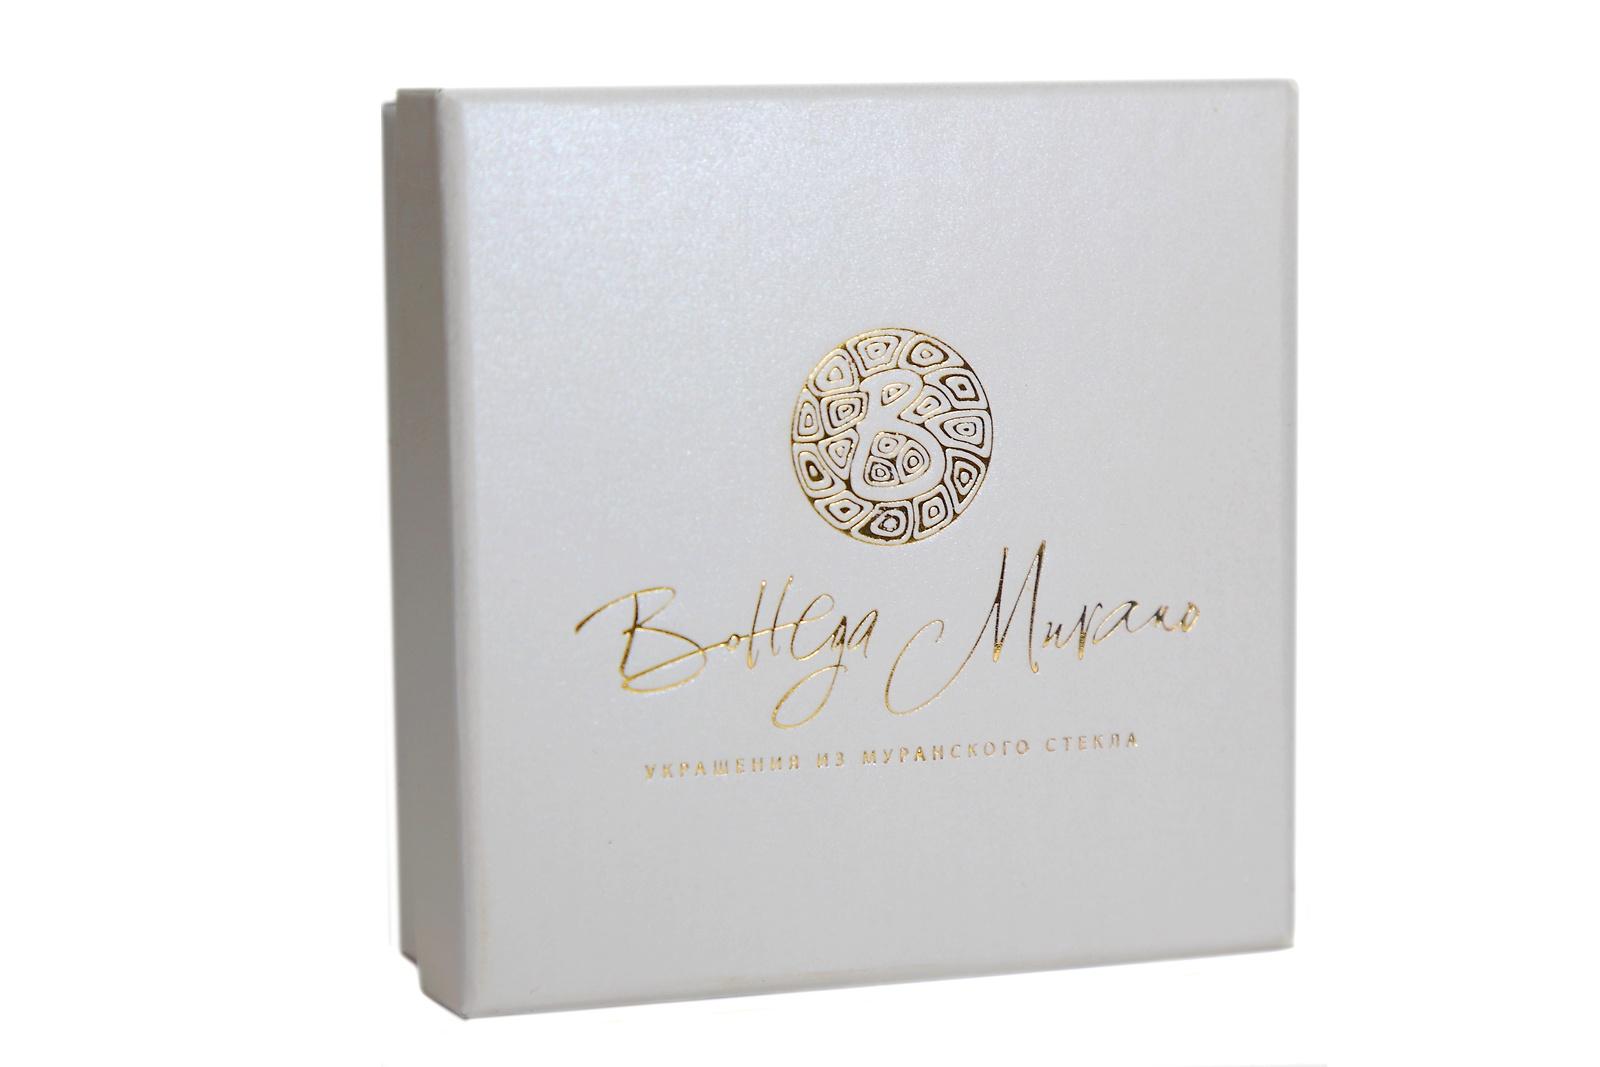 Комплект бижутерии Bottega Murano, Bottega Murano